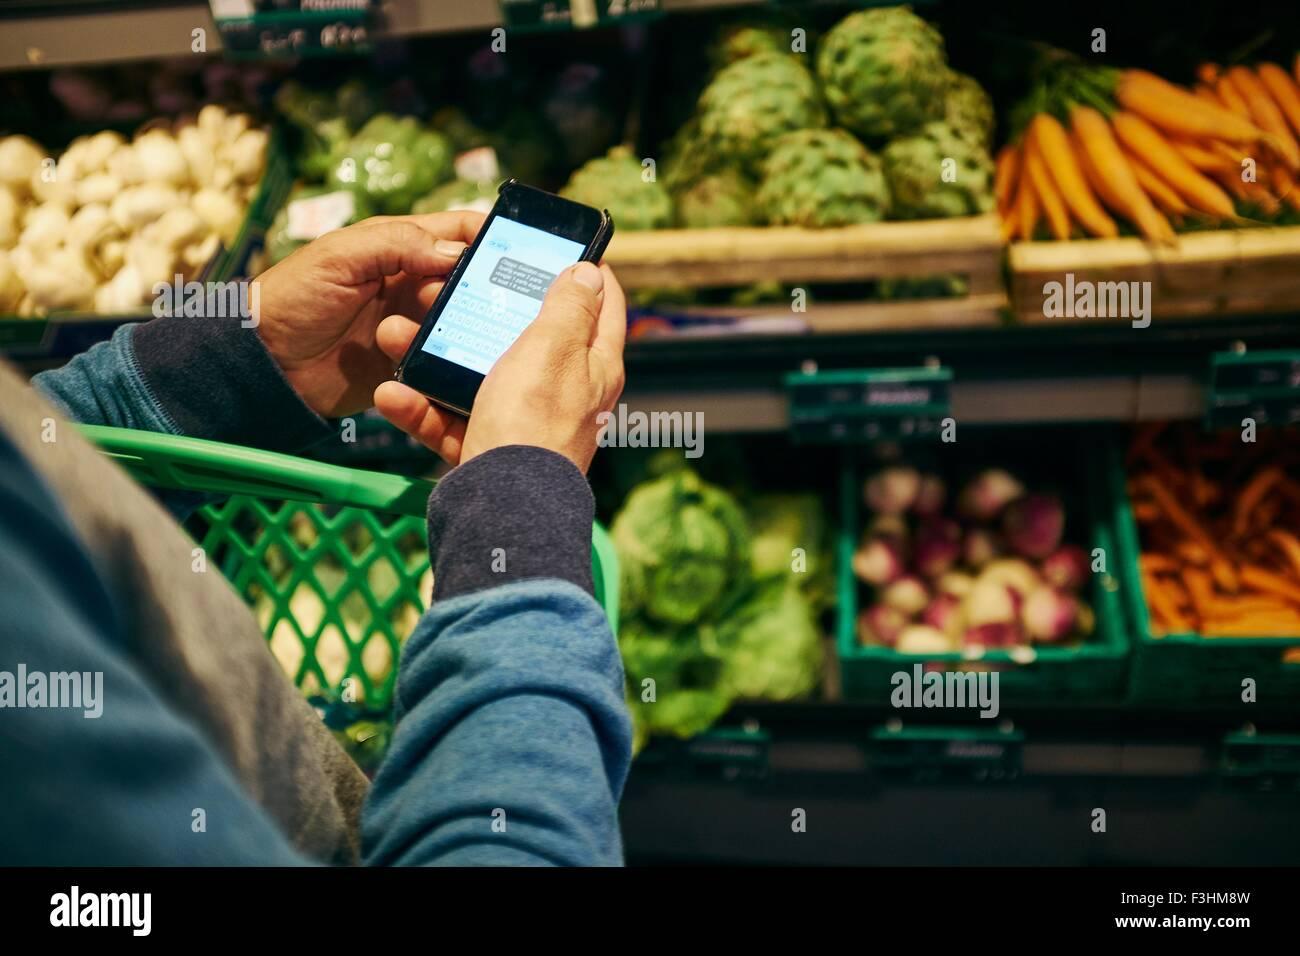 Man shopping et l'utilisation de smartphone dans un supermarché Photo Stock